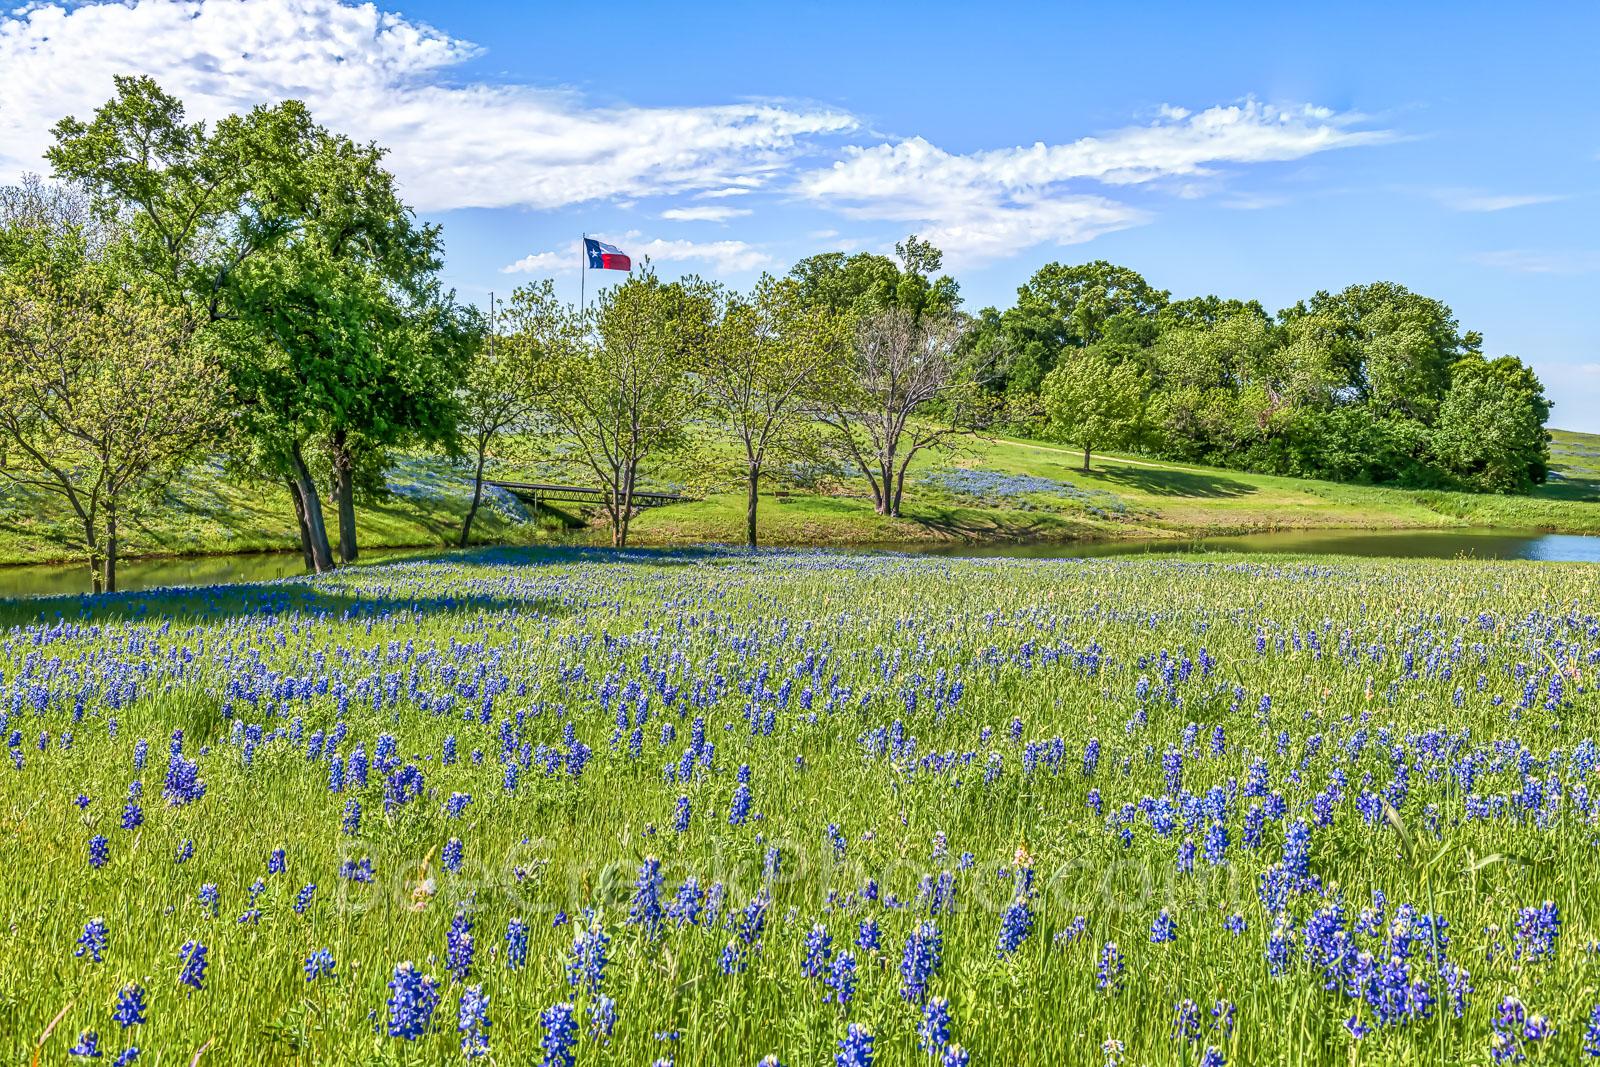 Ennis, Texas bluebonnet landscape, bluebonnets, landscape, texas, wildflowers, blue sky, creek, Texas flag, images of bluebonnets, texas, texas wildflowers, , photo